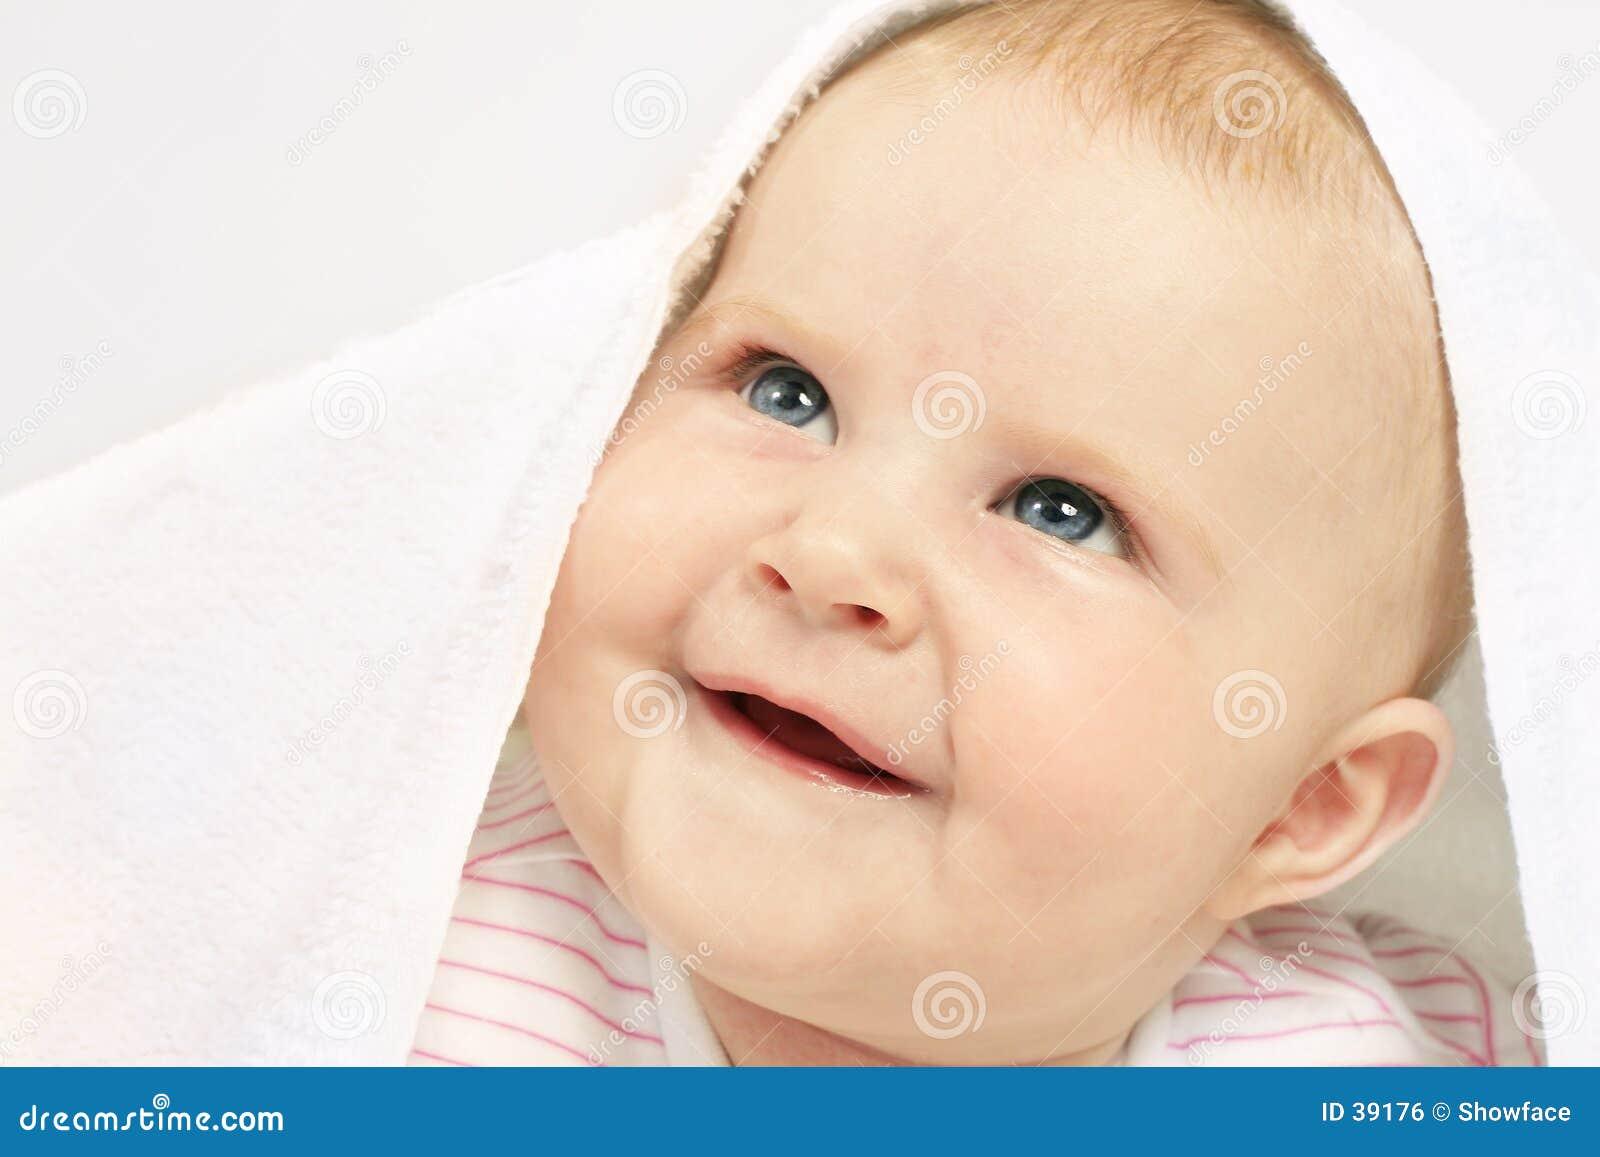 Baby s got blue eyes